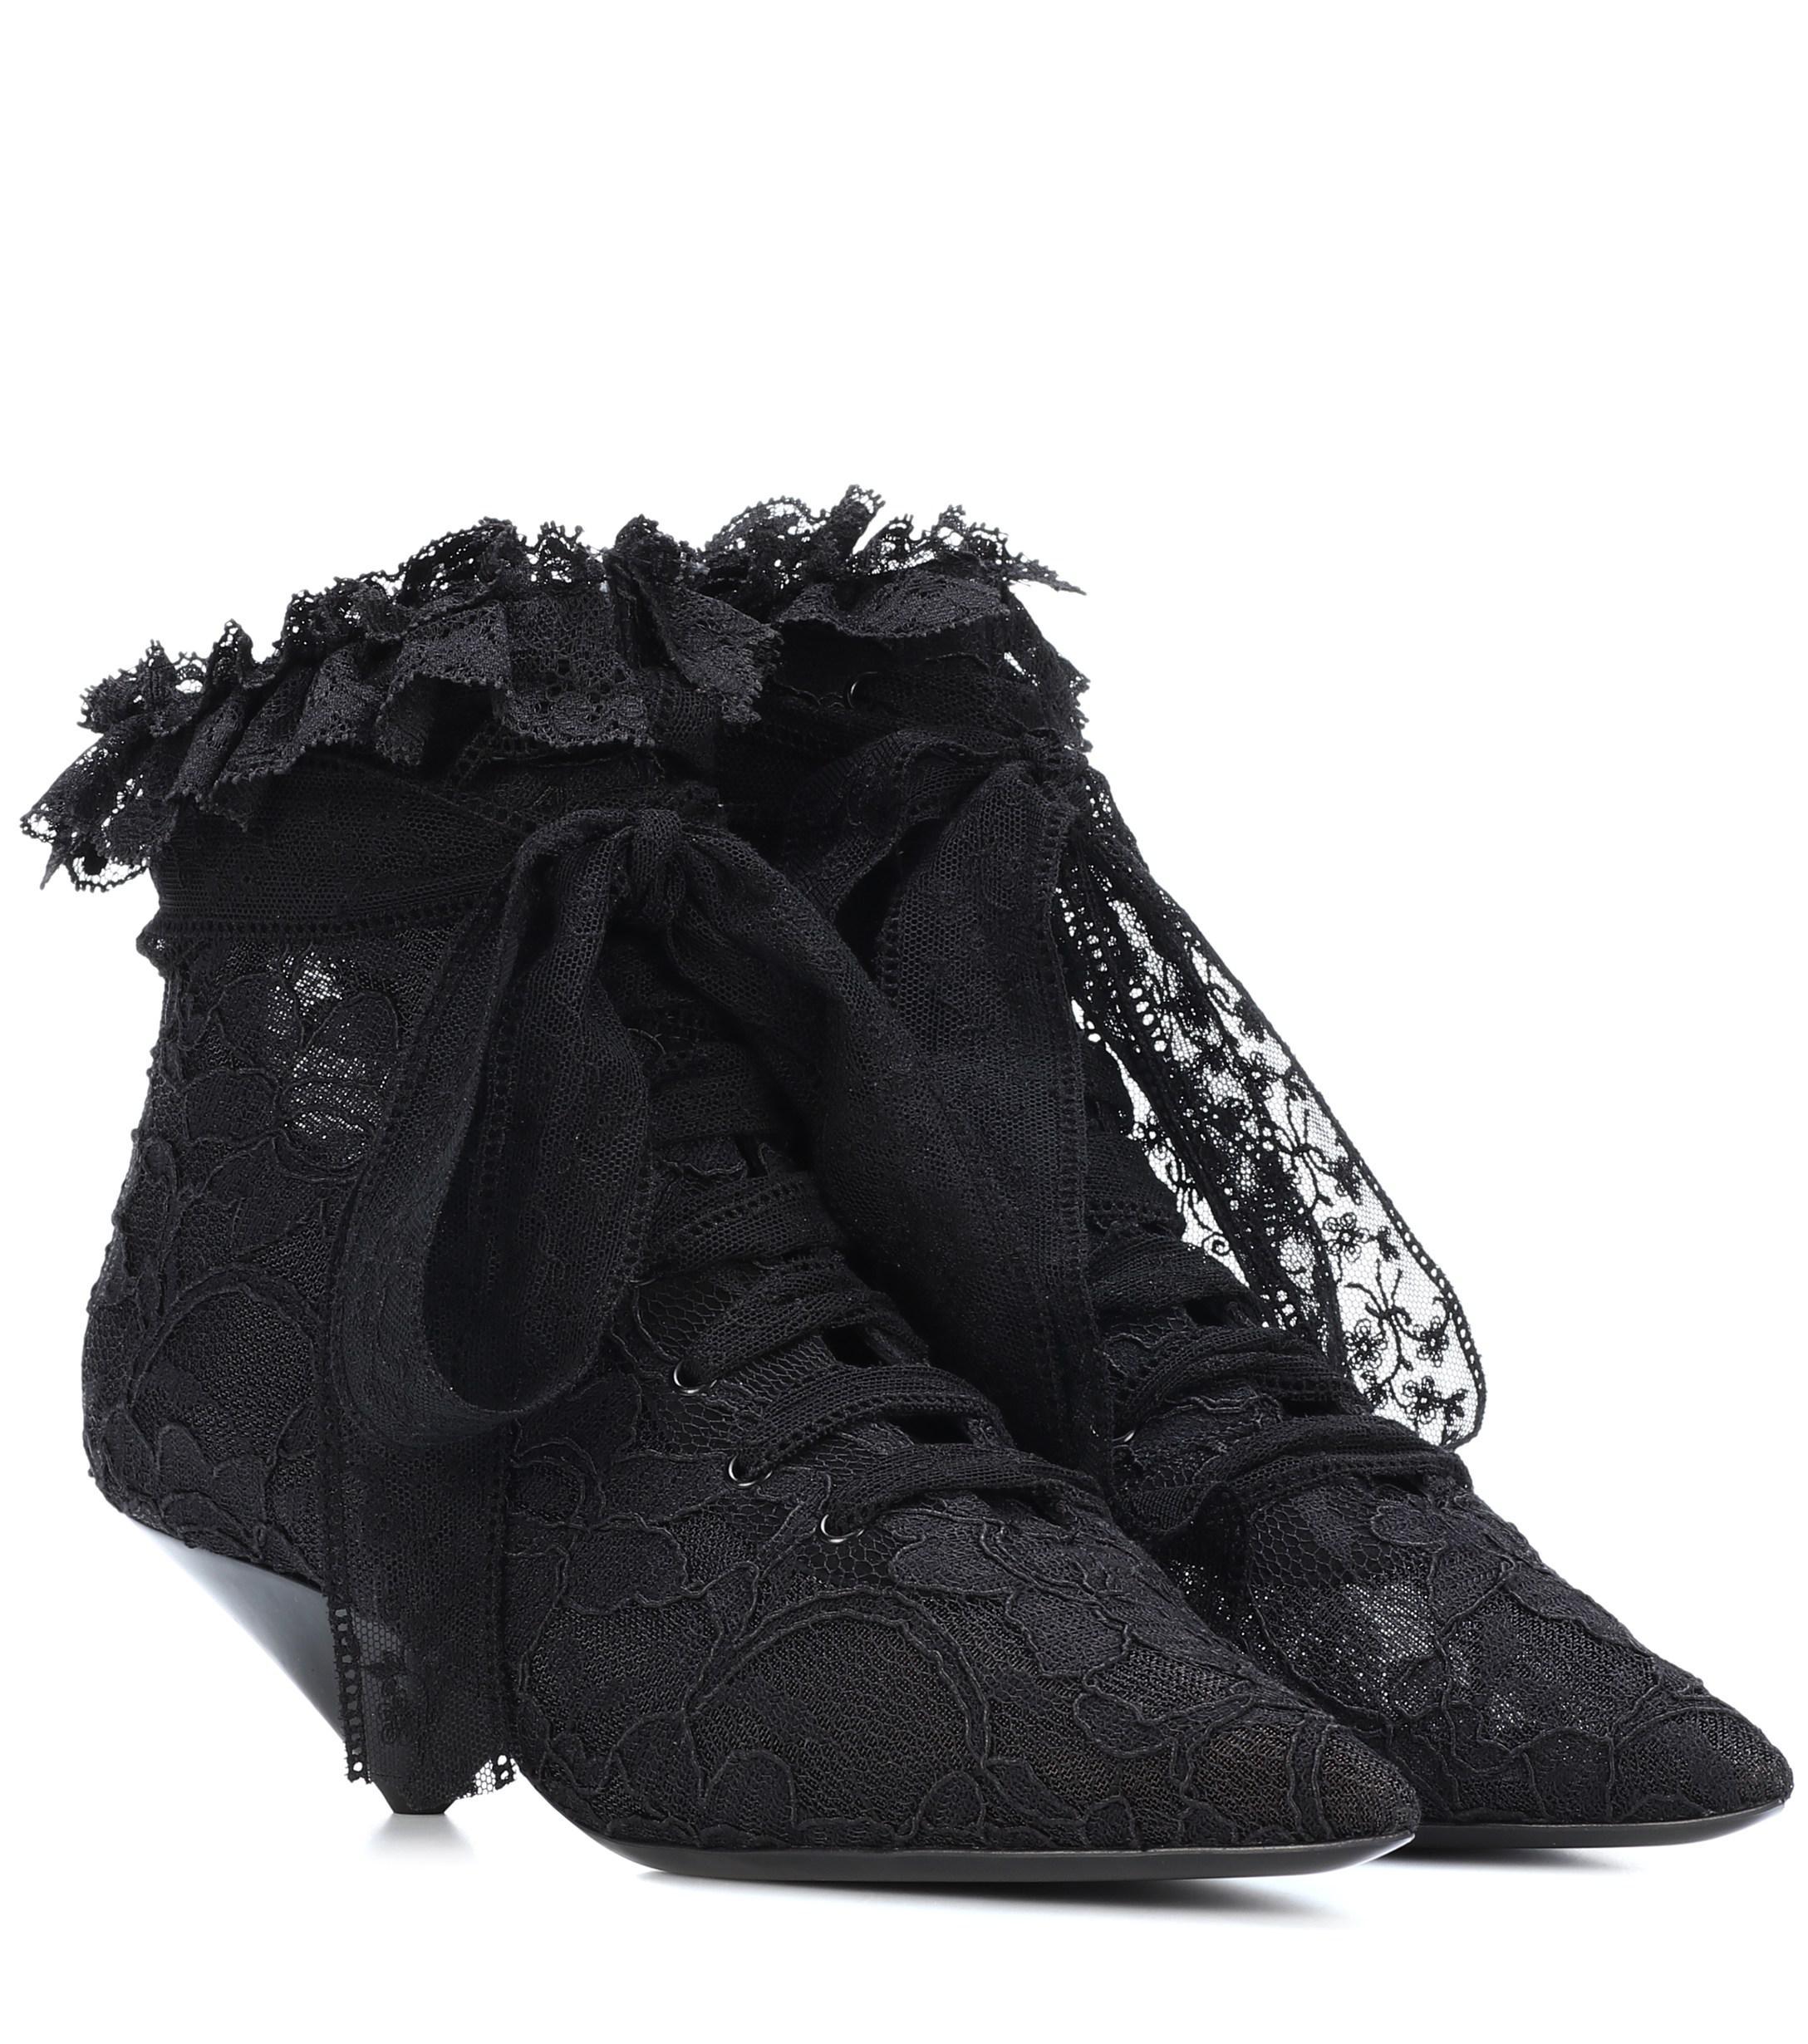 4cfa5eb1346 Saint Laurent Blaze 45 Lace Ankle Boots in Black - Save 50% - Lyst